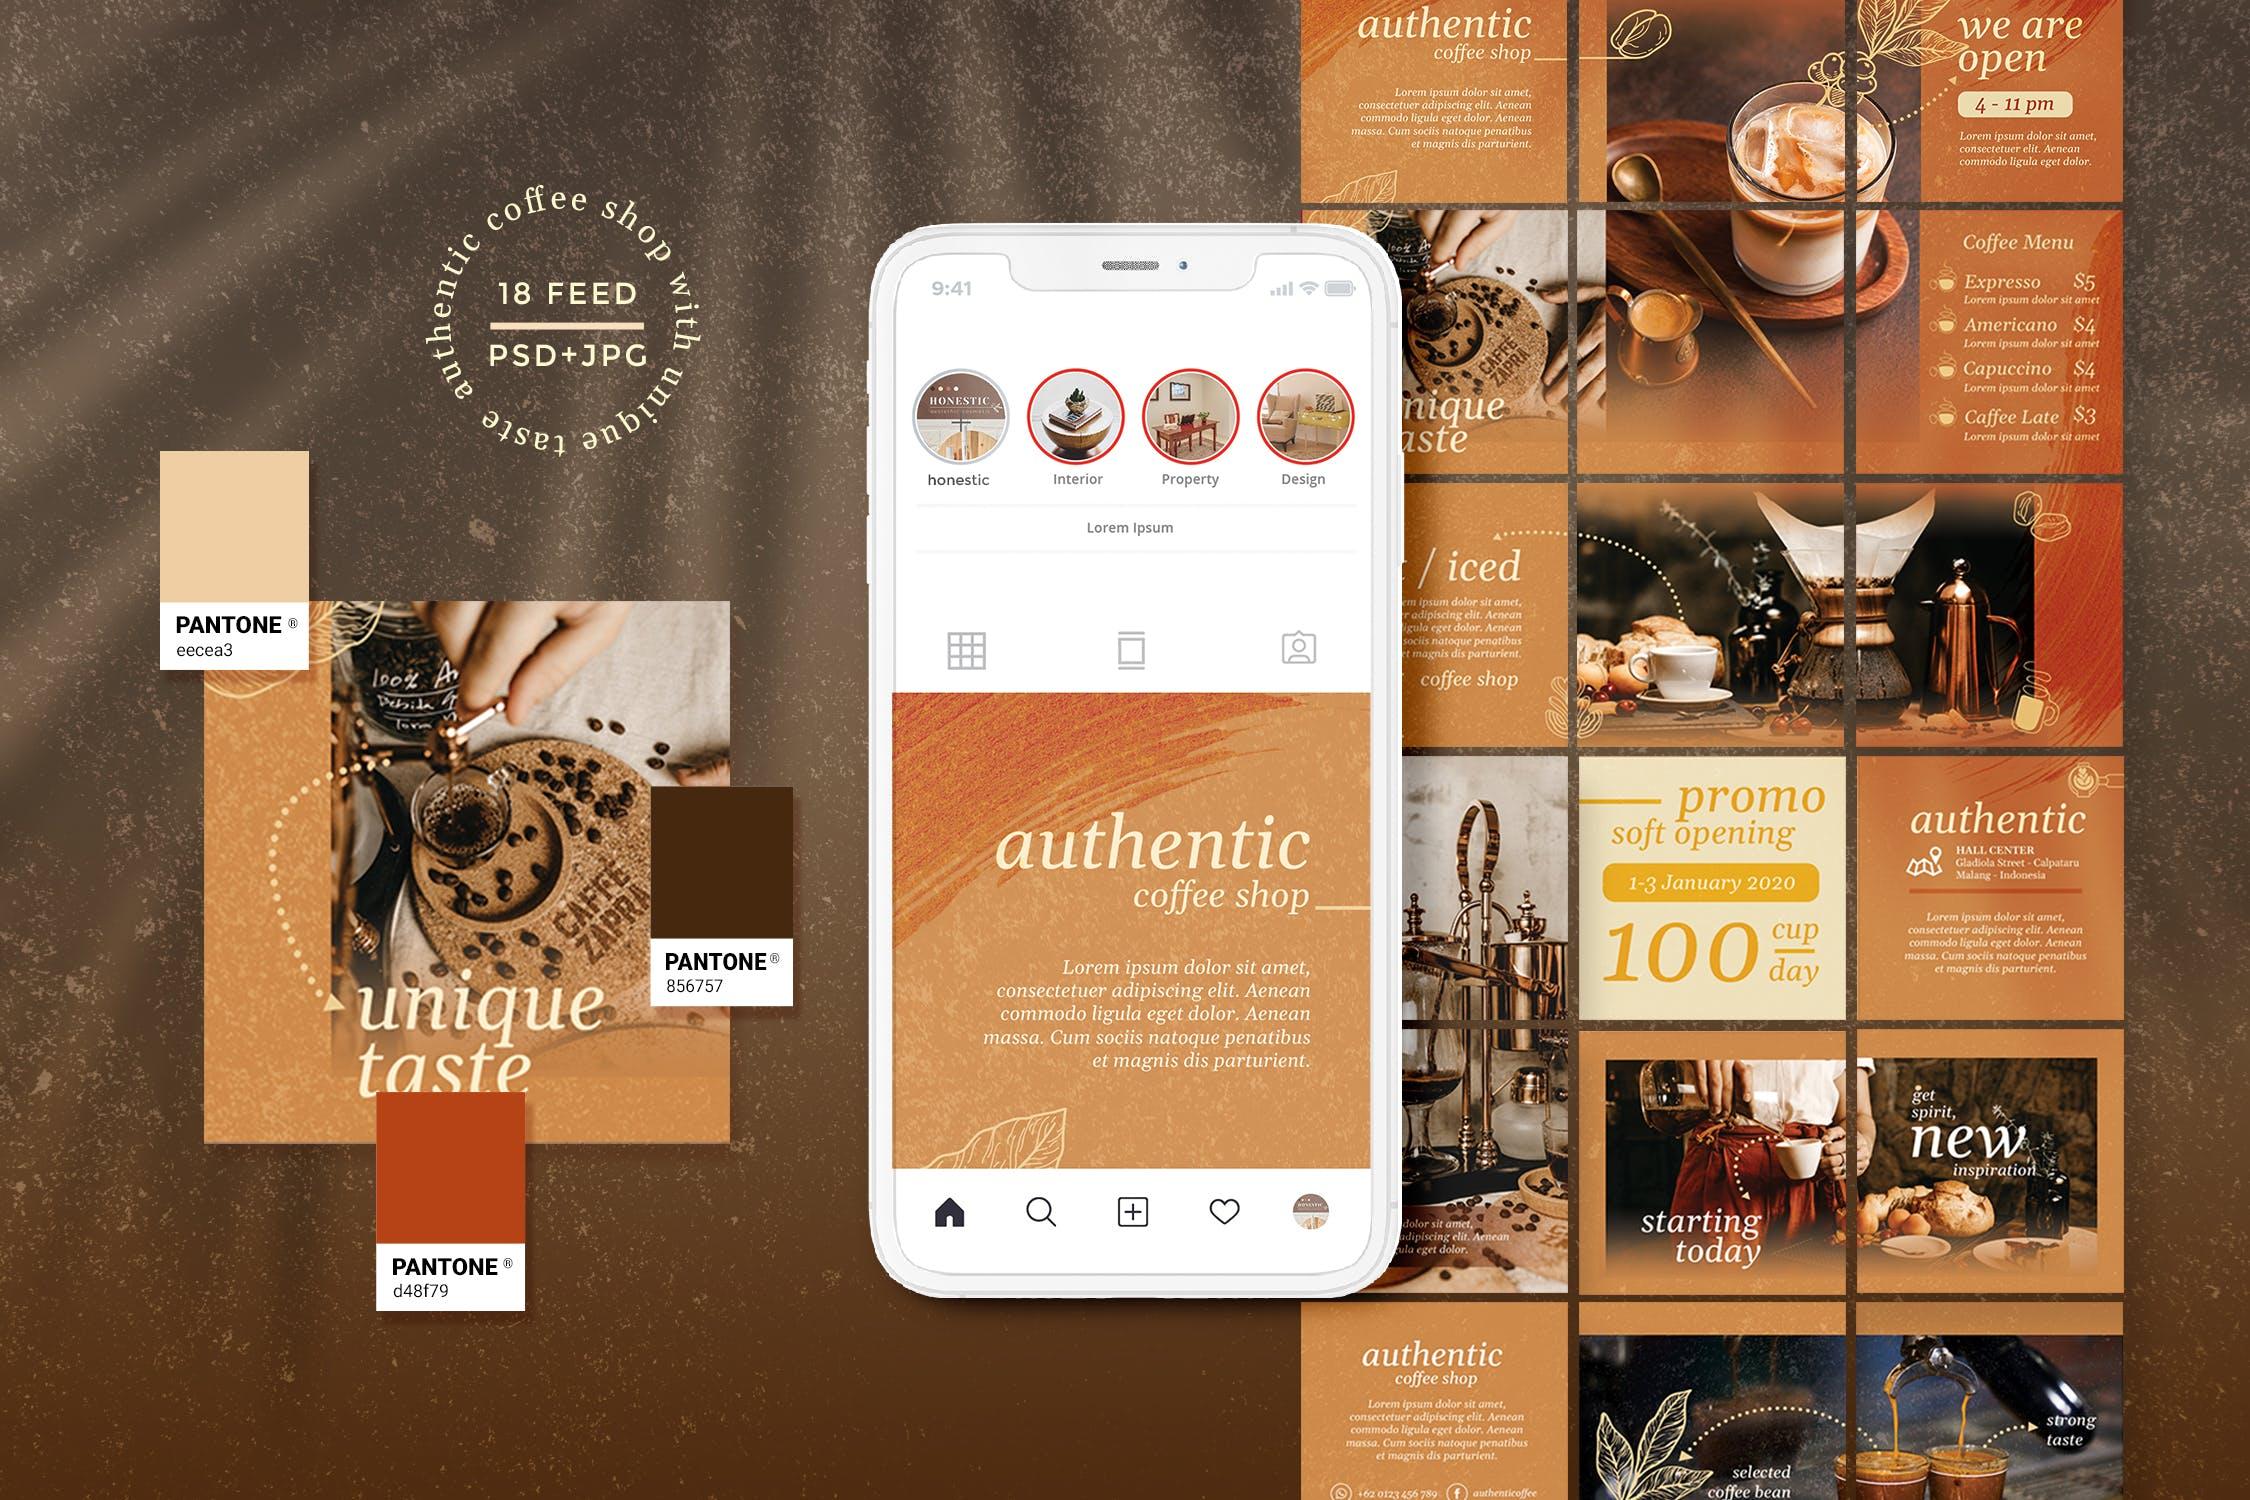 时尚咖啡店品牌推广新媒体海报设计模板 Autenthic Coffee Cafe – Instagram Puzzle插图